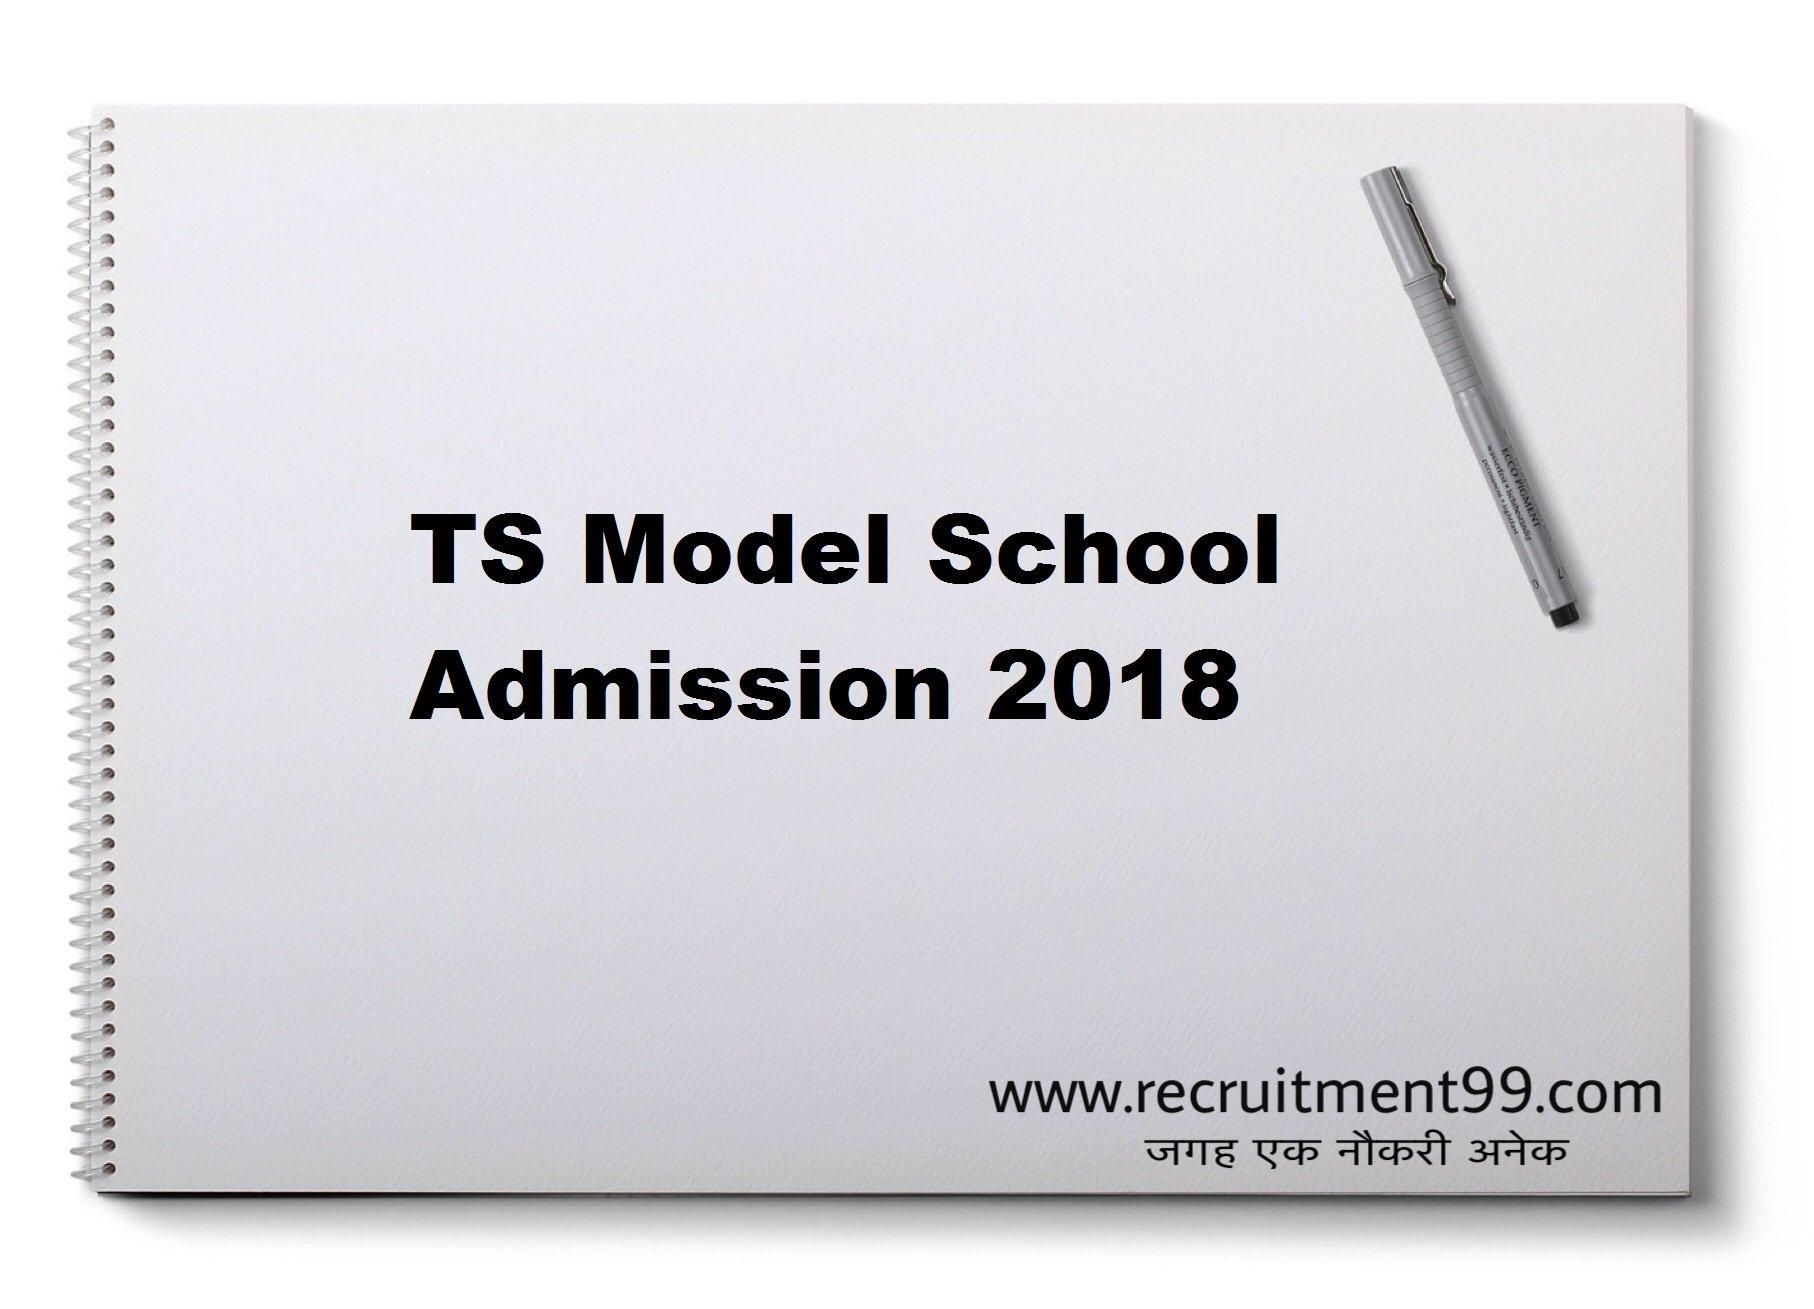 TS Model School VI VII VIII IX X Class Admission Hall Ticket Result 2018